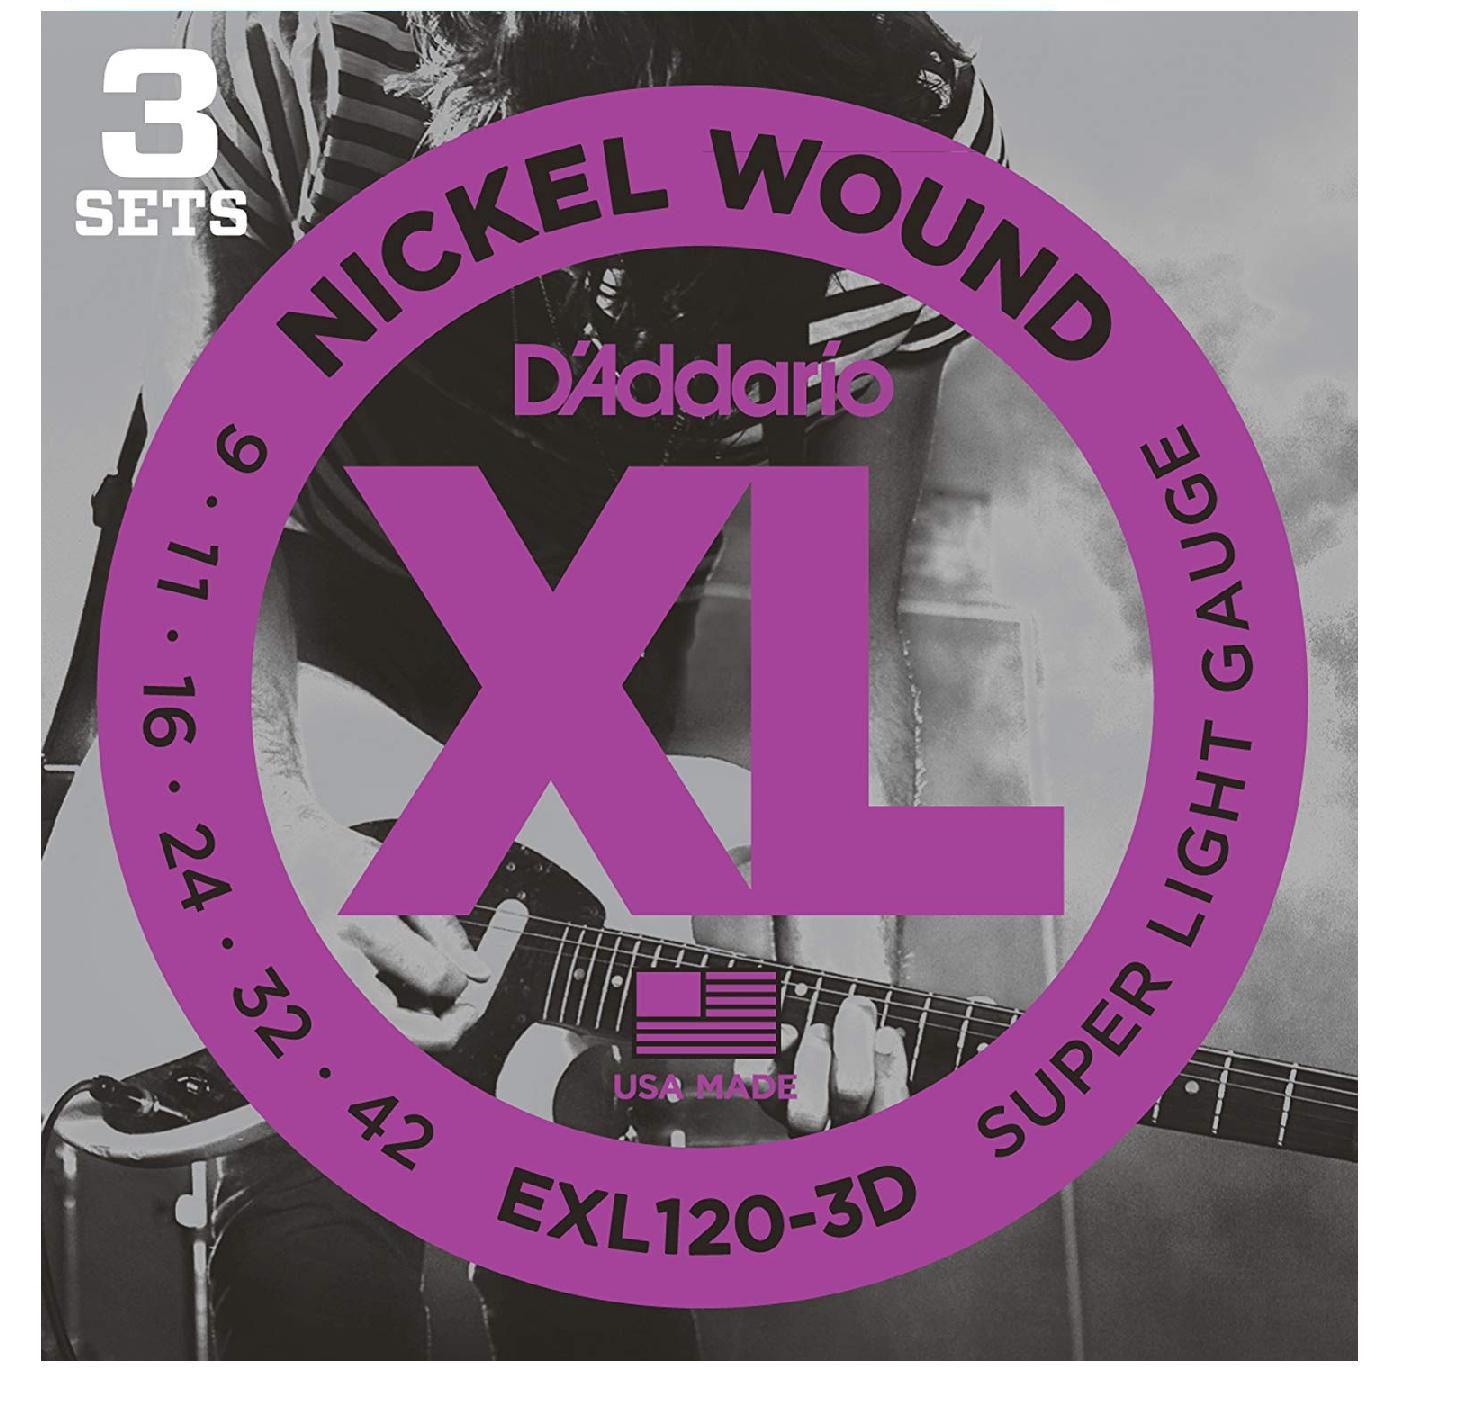 Kit com 3 Encordoamento Daddario para Guitarra EXL120-3D  009-042